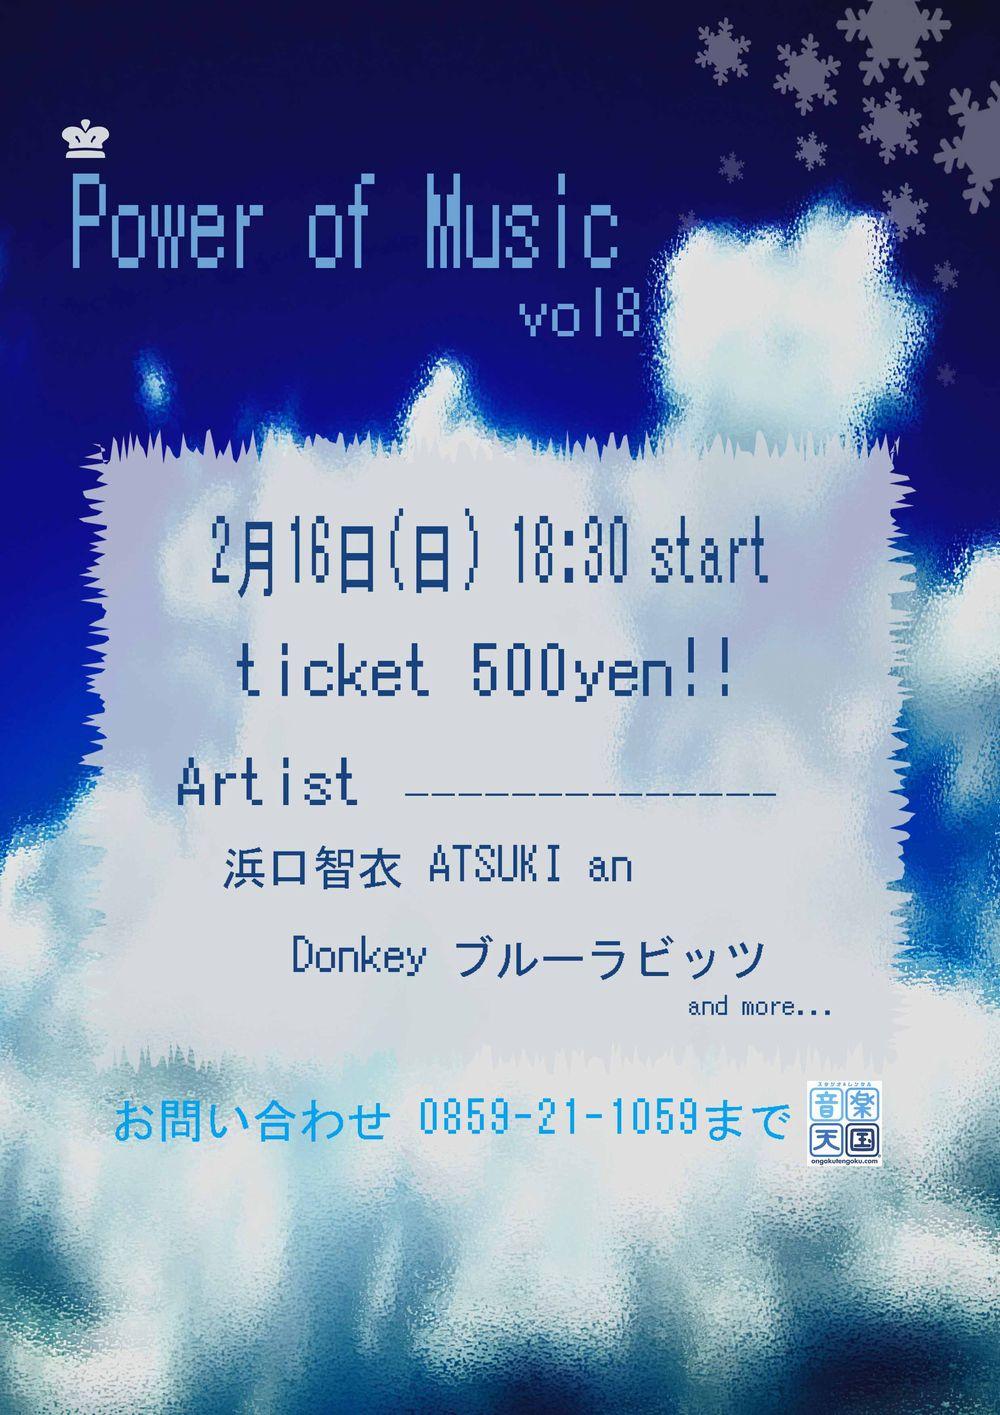 スタジオライブ「Power of Music」Vol.8@米子FS店2月16日(日)開催!